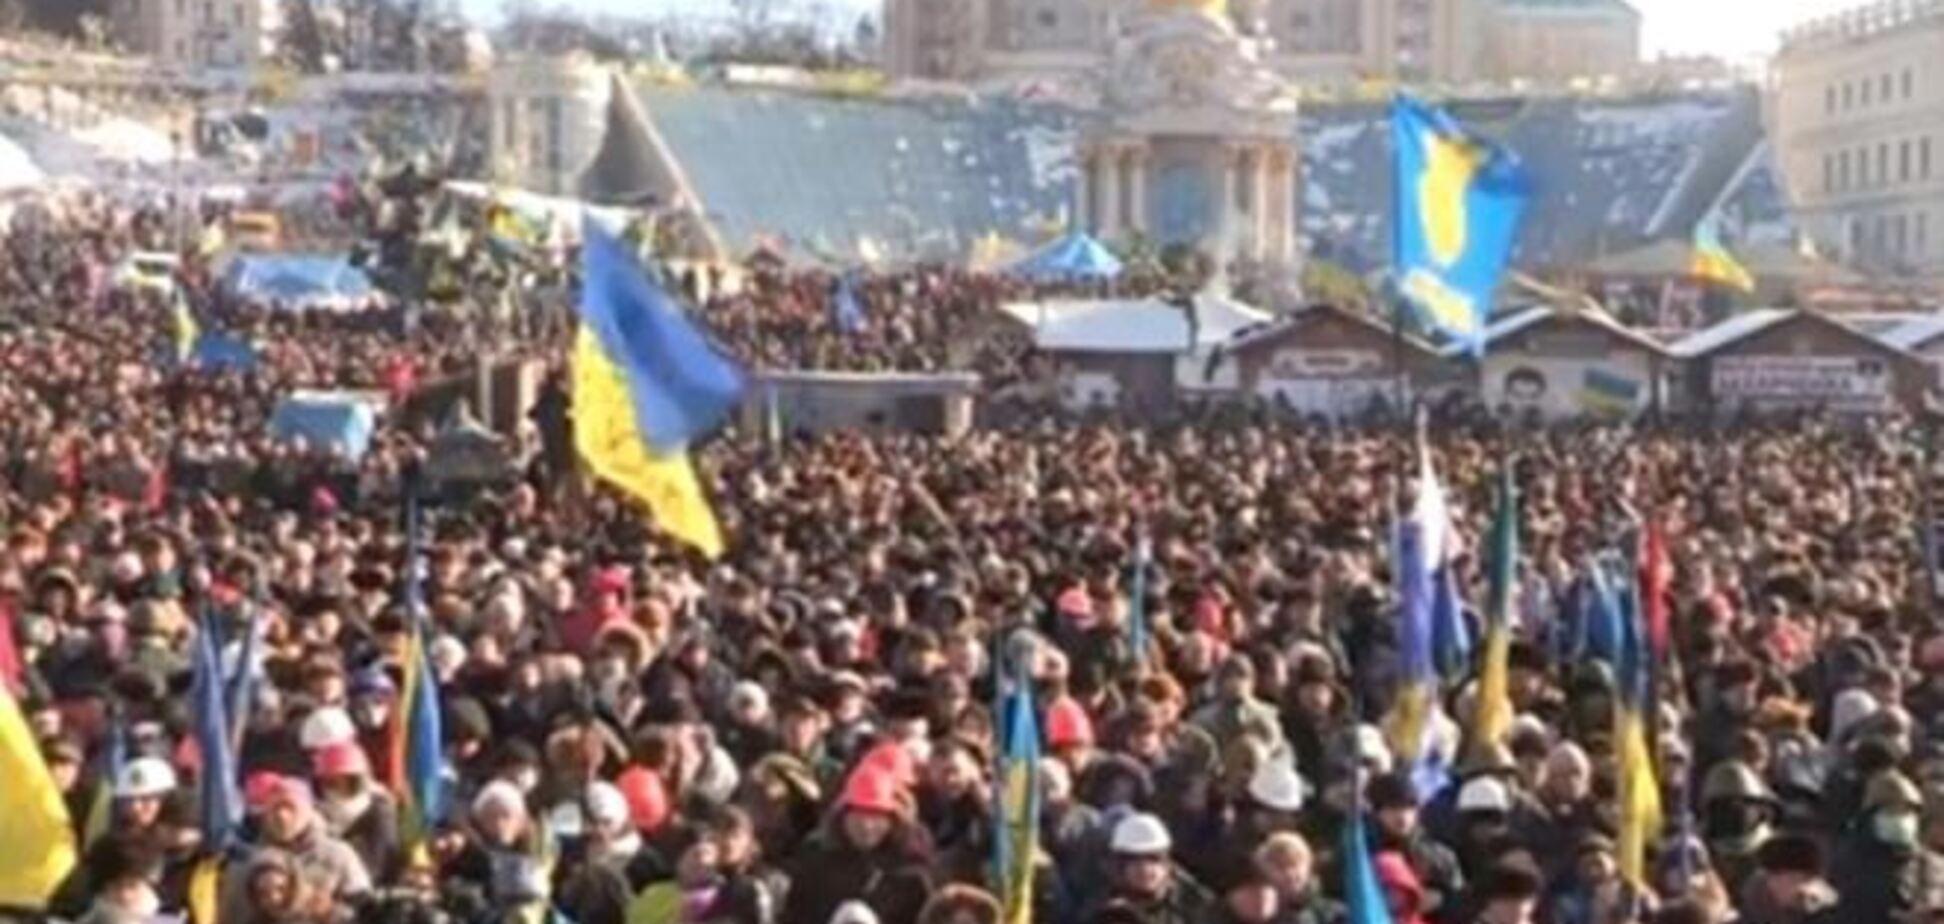 На інформаційний мітинг на Майдані прийшло близько 10 тис. осіб